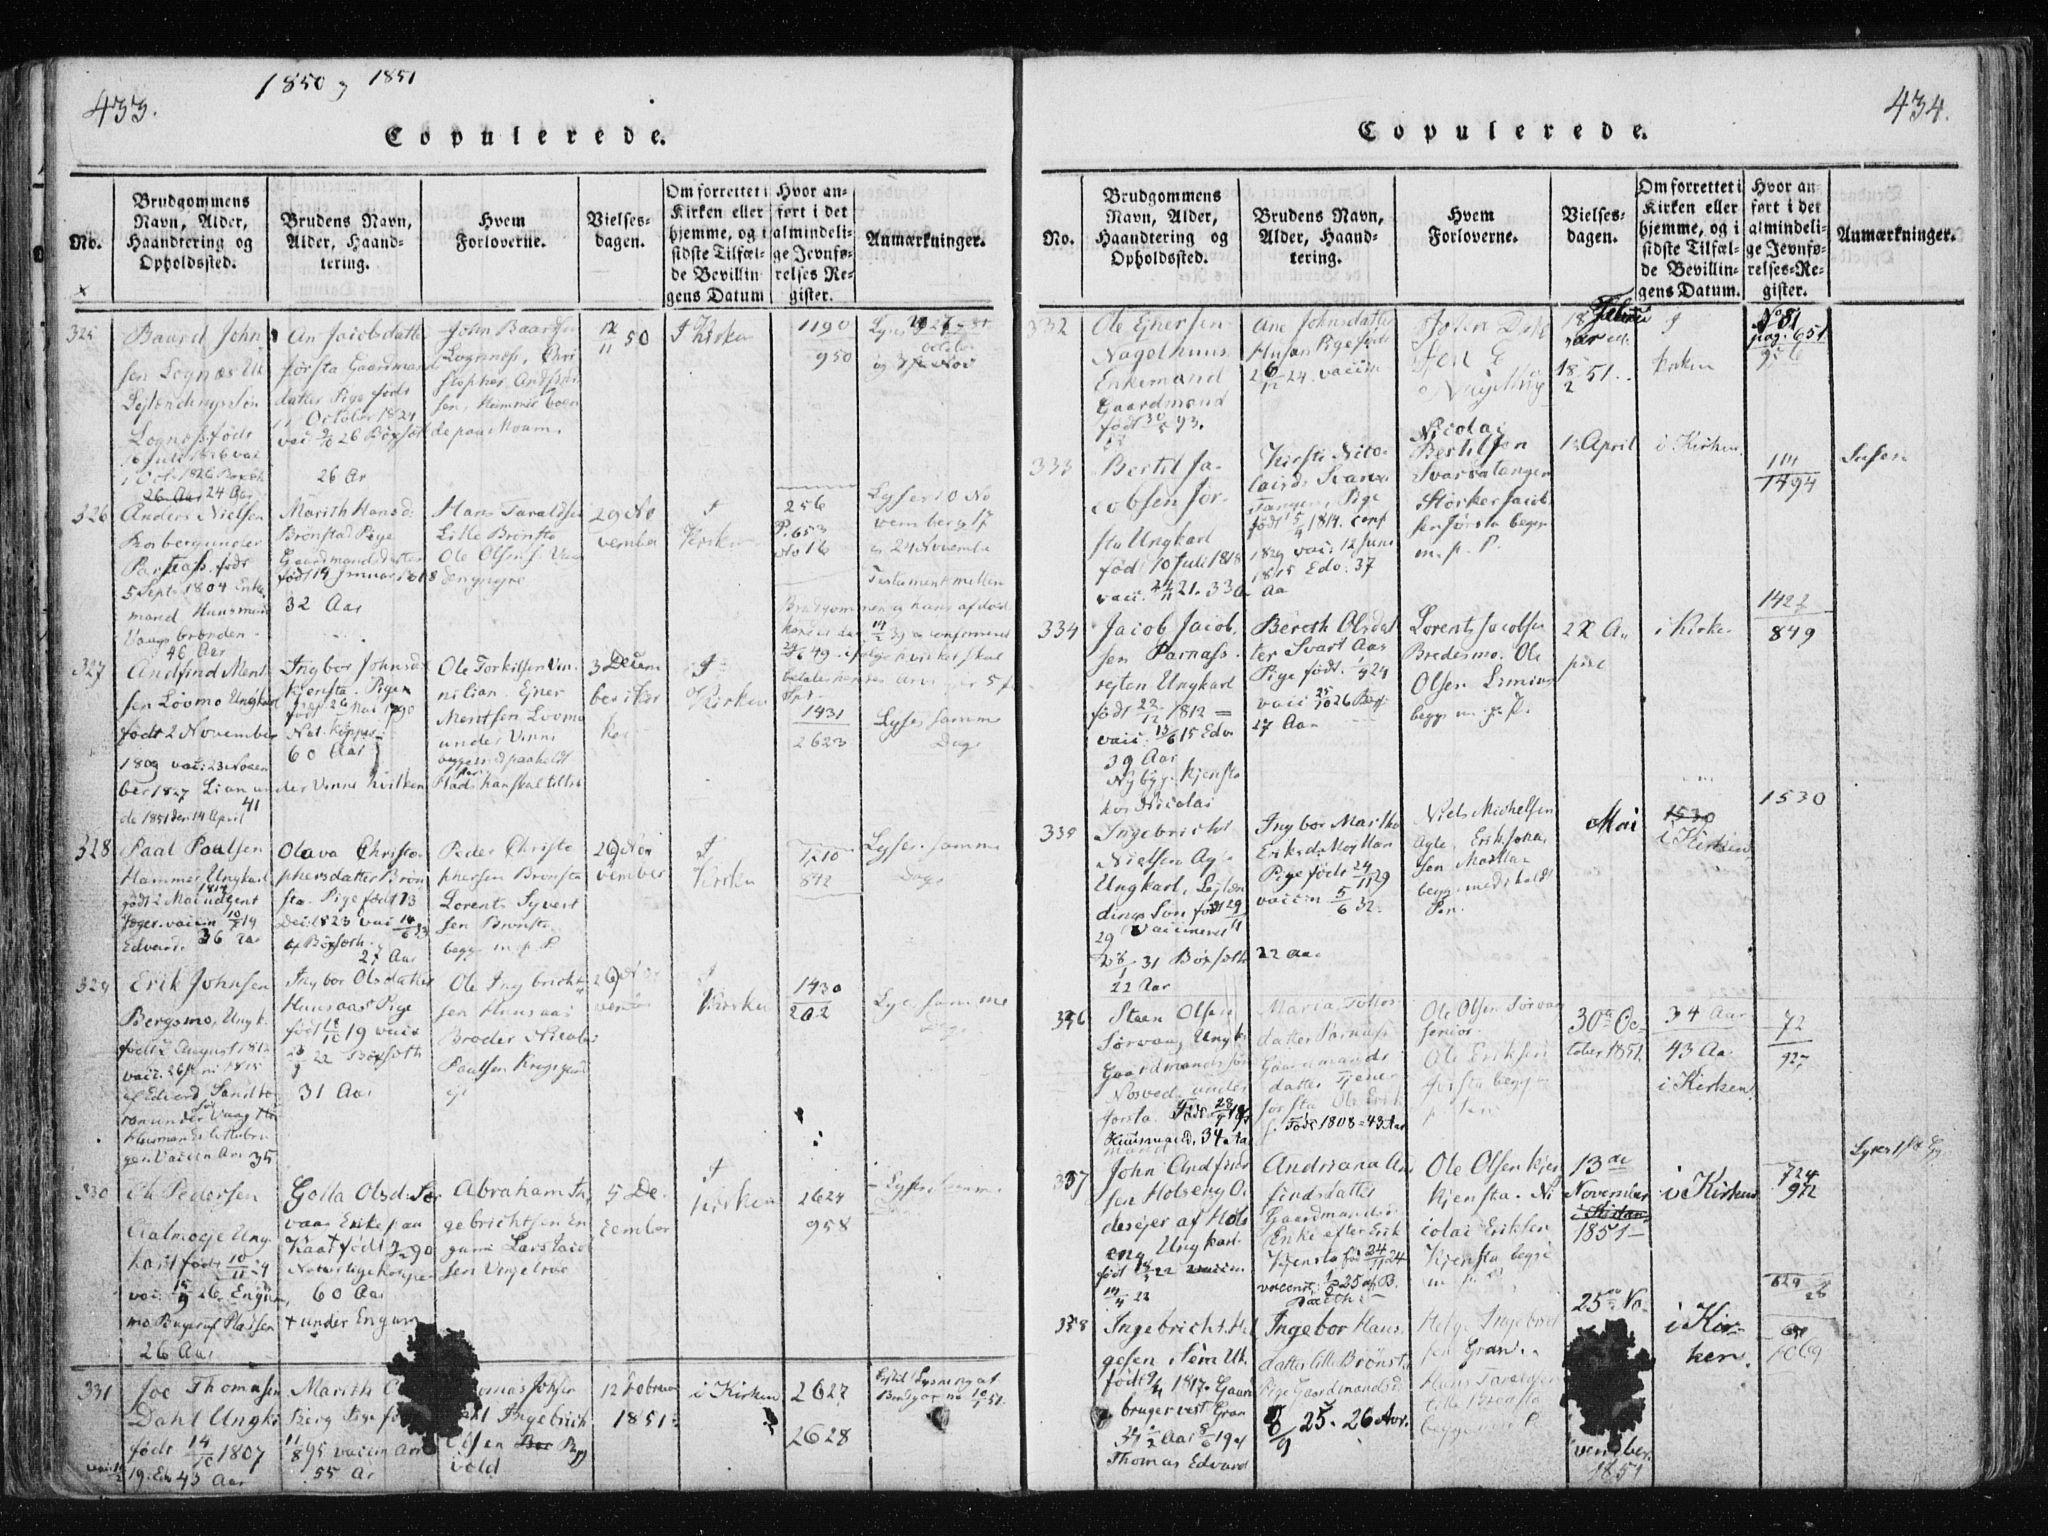 SAT, Ministerialprotokoller, klokkerbøker og fødselsregistre - Nord-Trøndelag, 749/L0469: Ministerialbok nr. 749A03, 1817-1857, s. 433-434